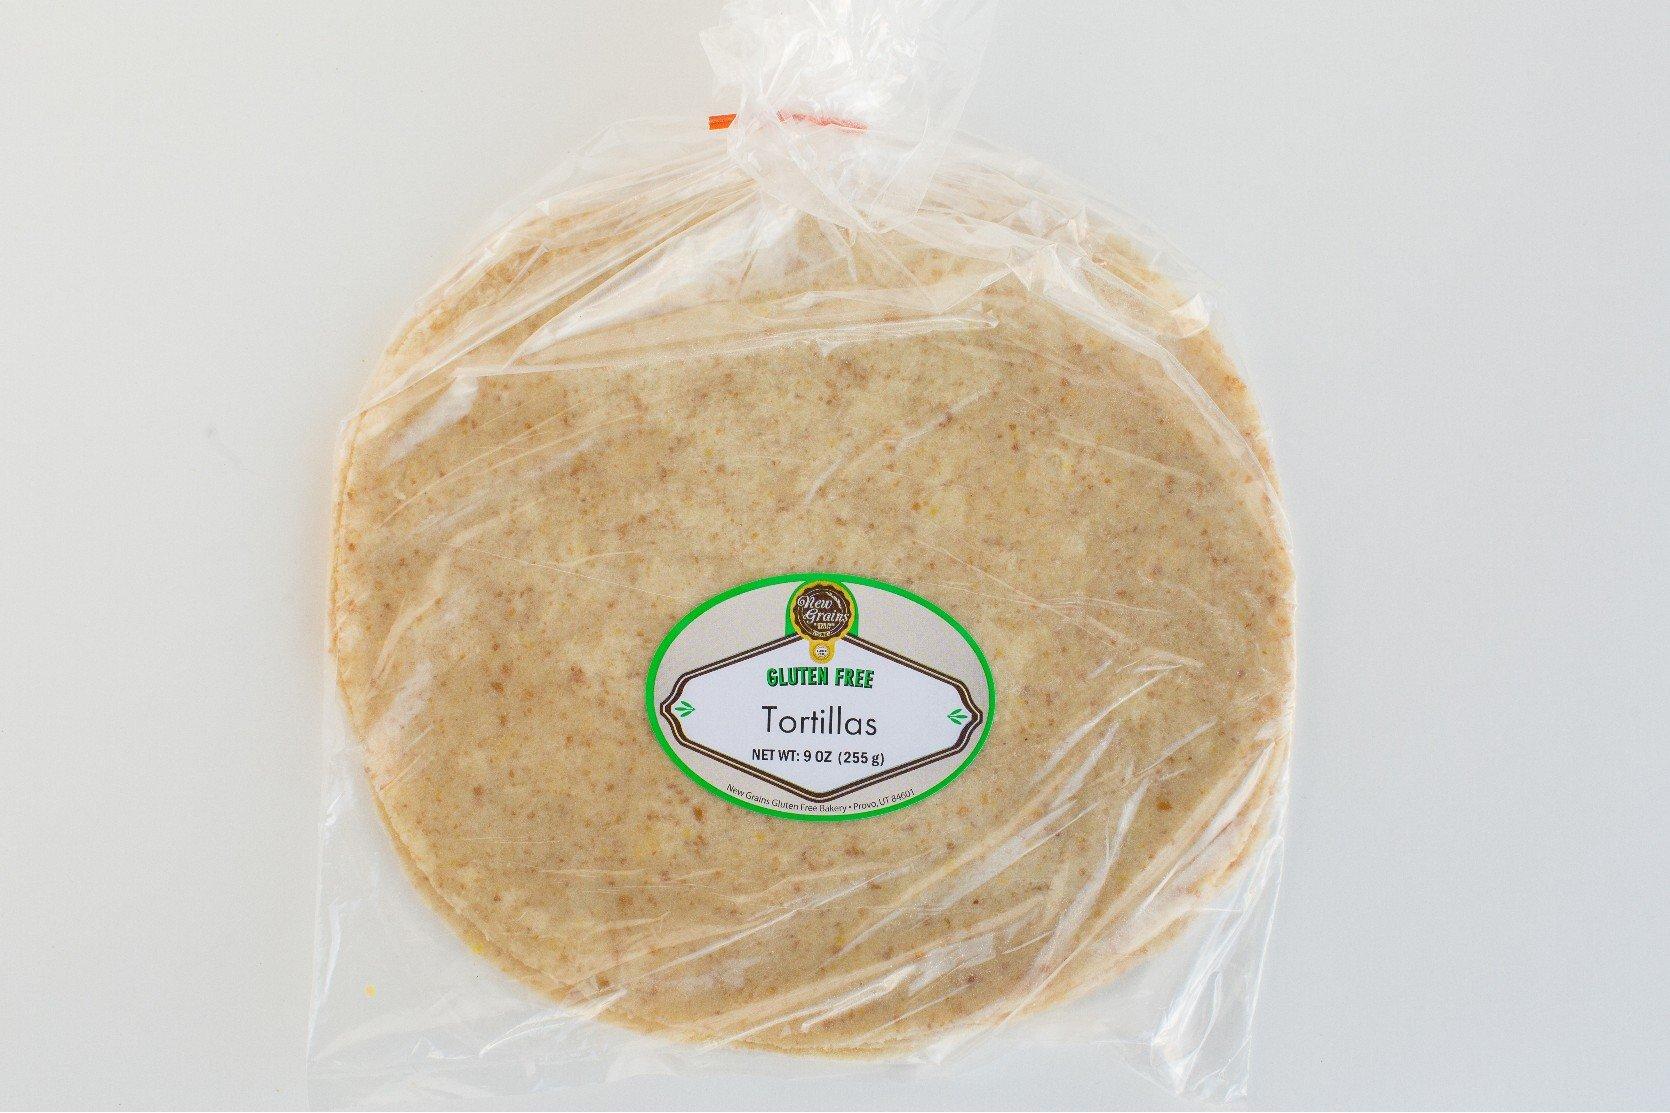 """New Grains Gluten Free Flour Tortillas 2 packs (4 - 10"""" tortillas each)"""